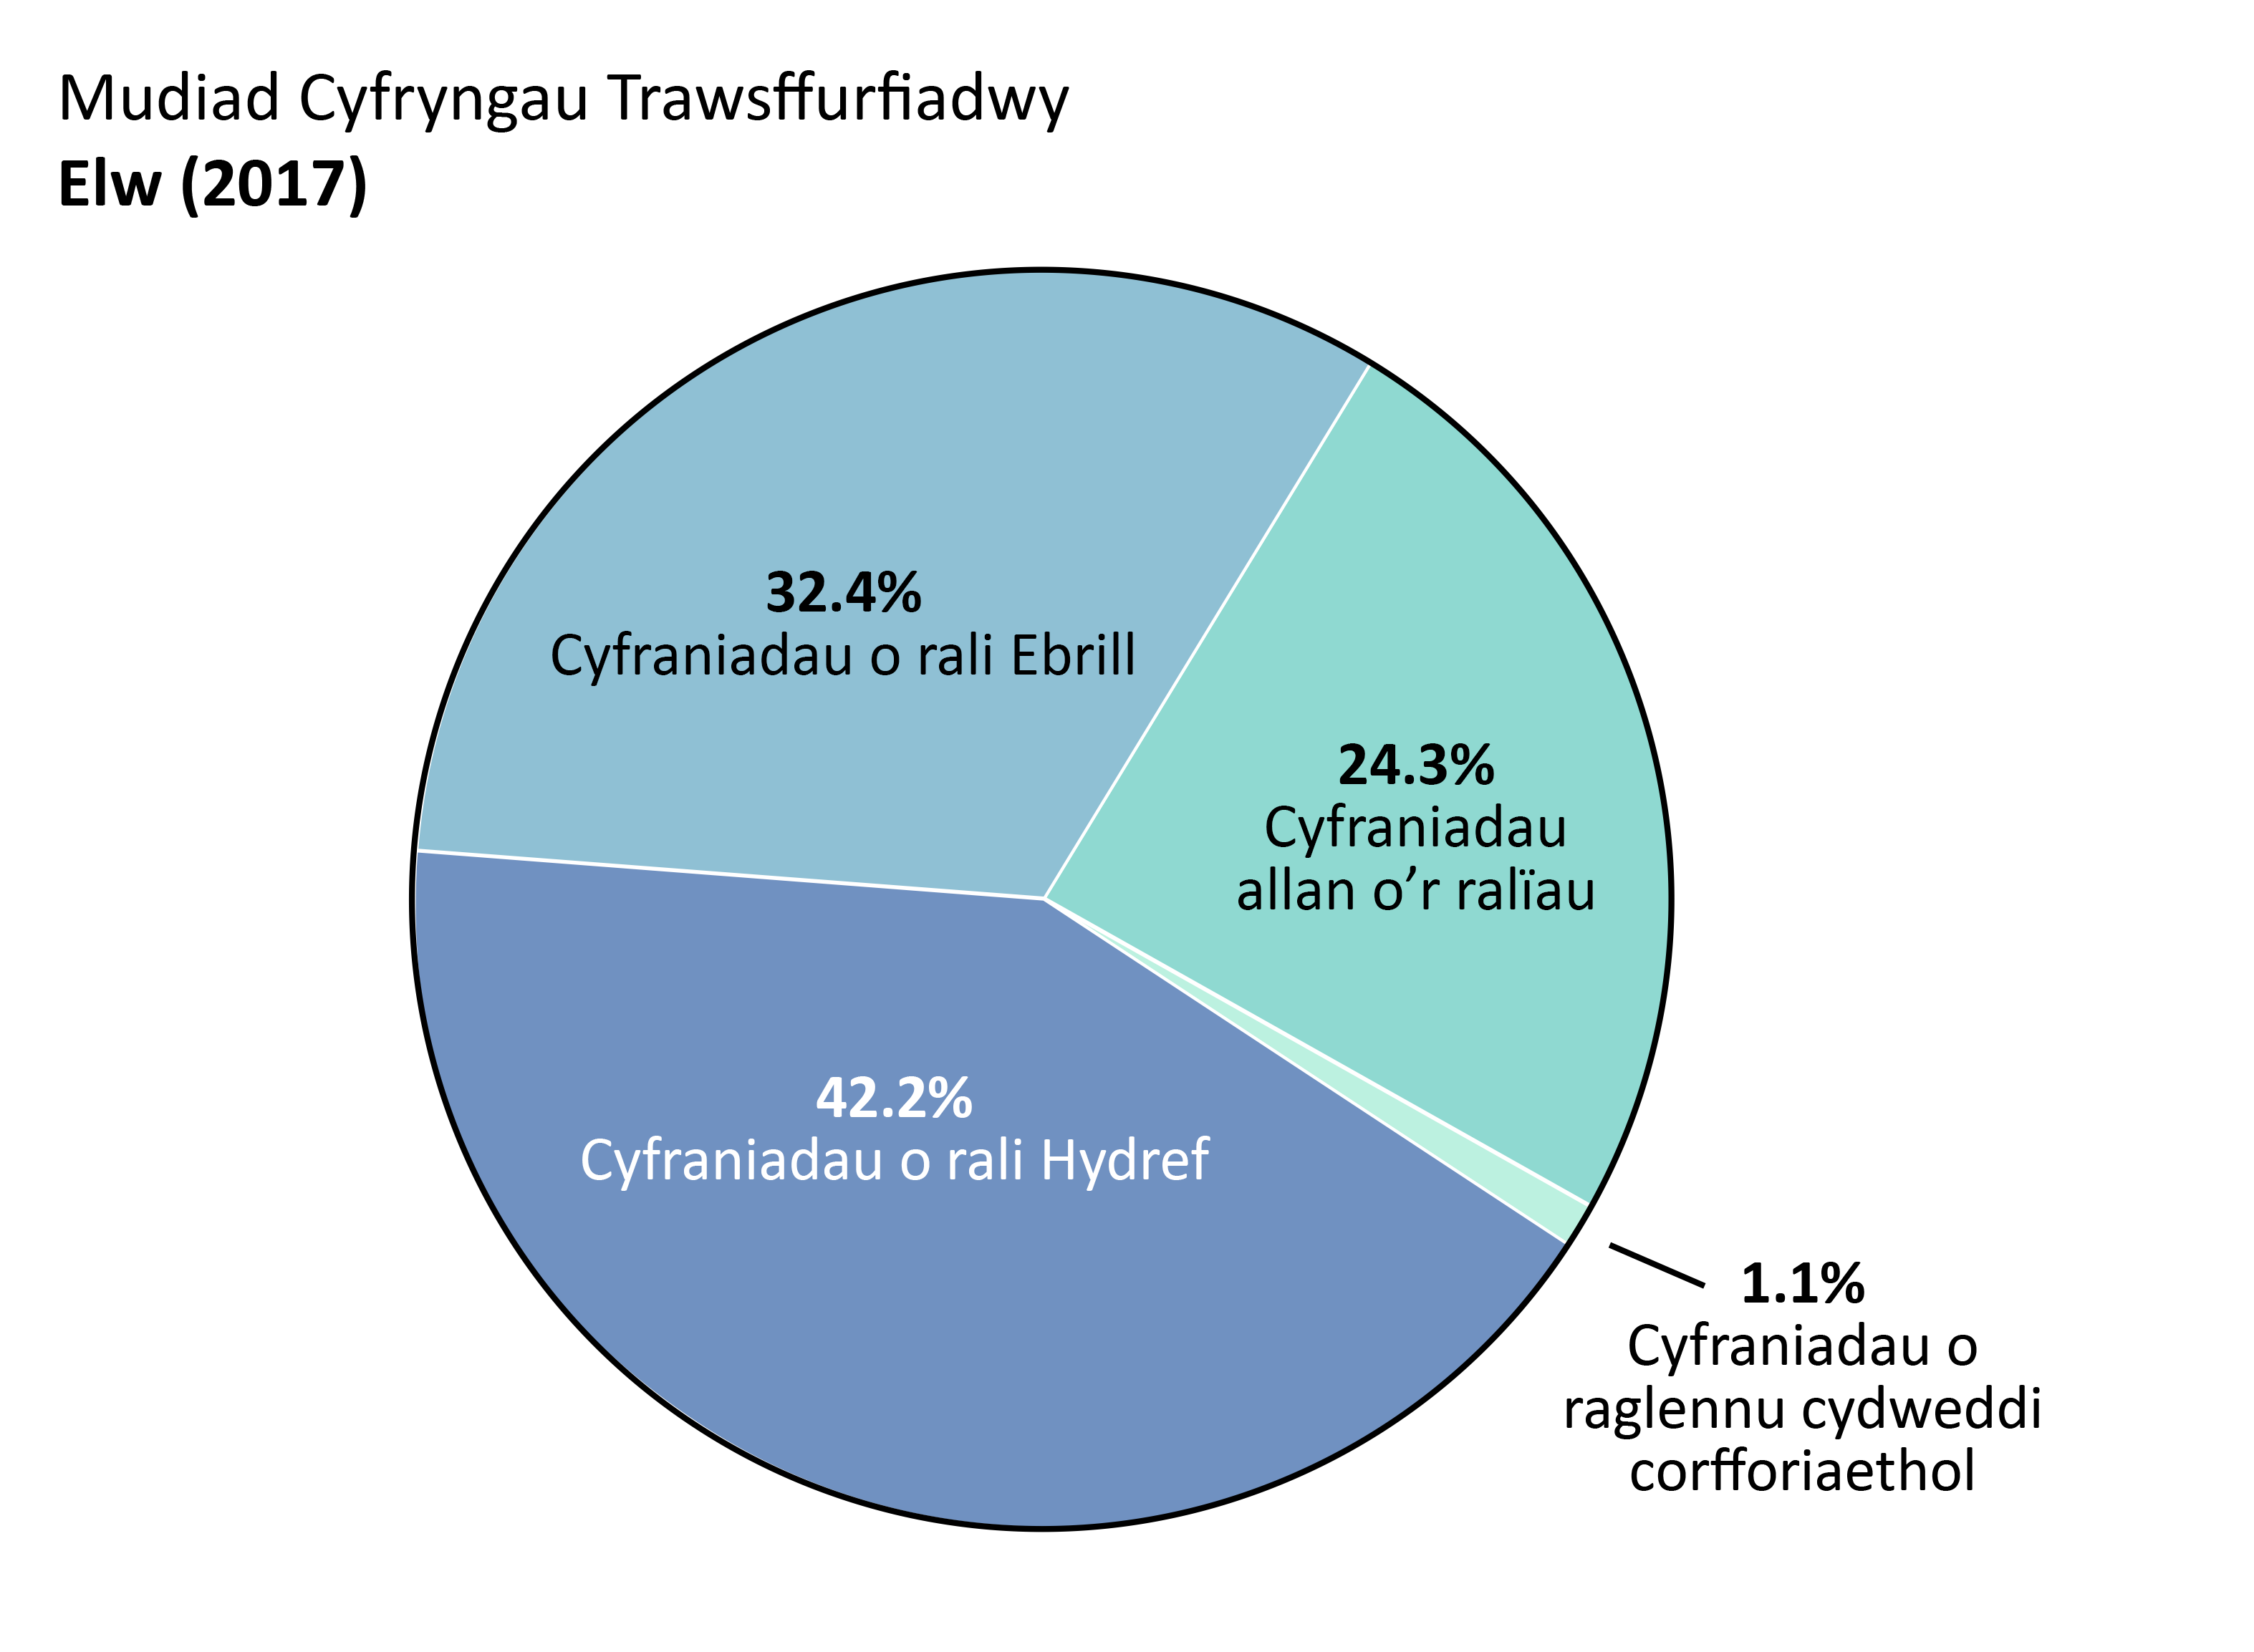 Elw'r OTW: Cyfraniadau o rali Ebrill: 32.4%, Cyfraniadau o rali Hydref: 42.2%. Cyfraniadau allan o'r ralïau: 24.3%. Cyfraniadau o raglennu cydweddi corfforiaethol: 1.1%.